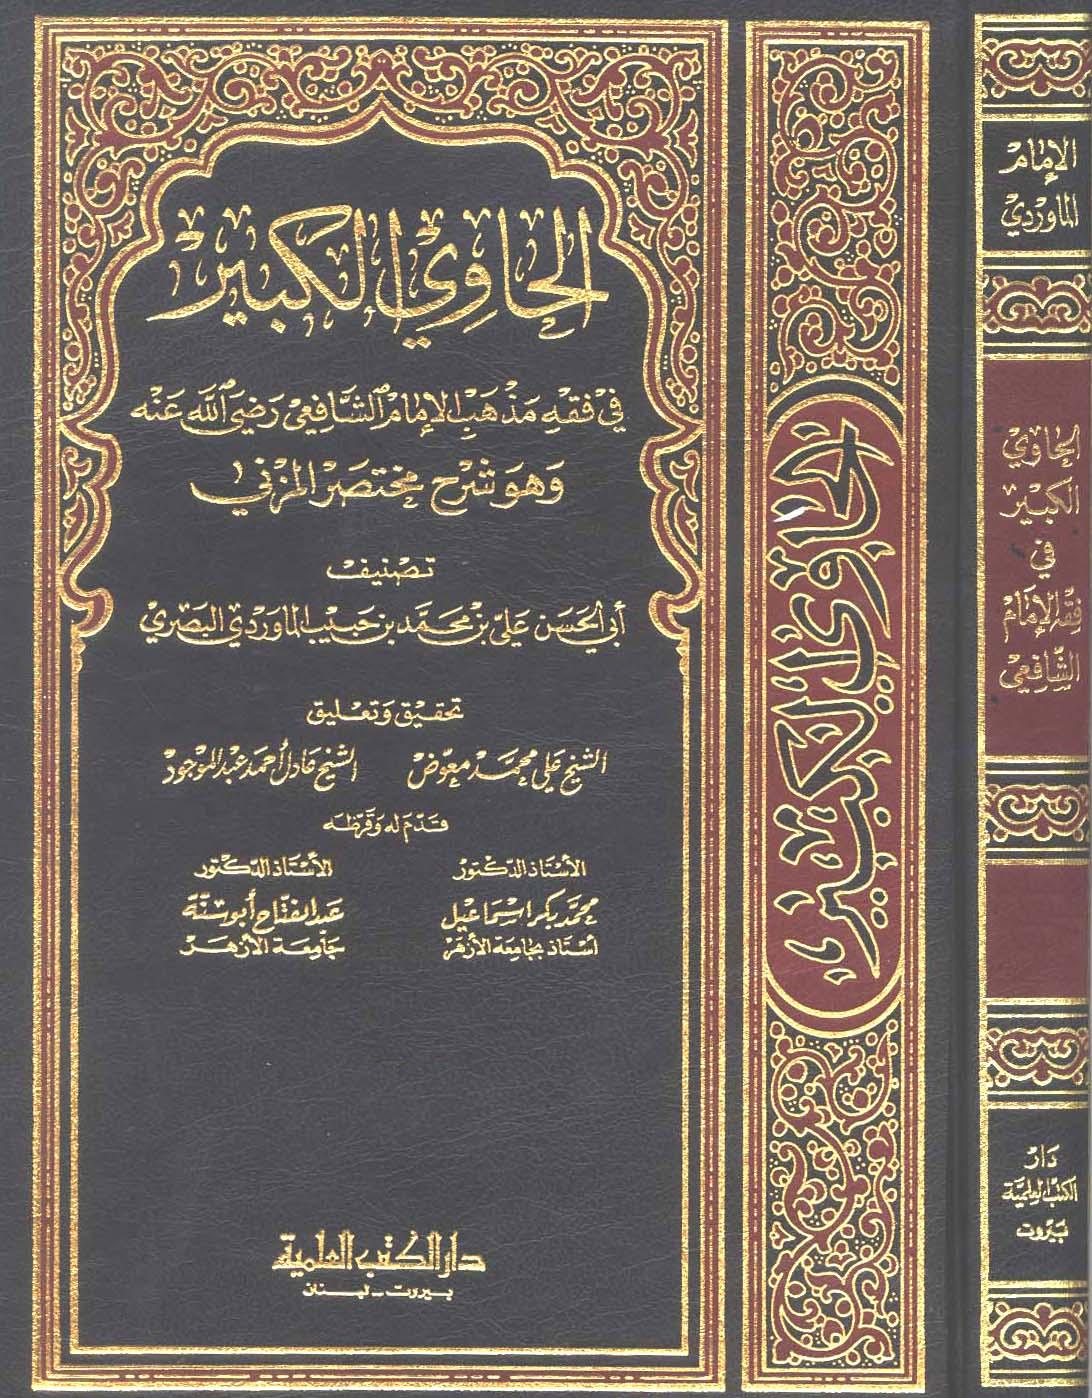 الحاوي الكبير للإمام للماوردي ( 18 مجلد على رابط واحد ) pdf